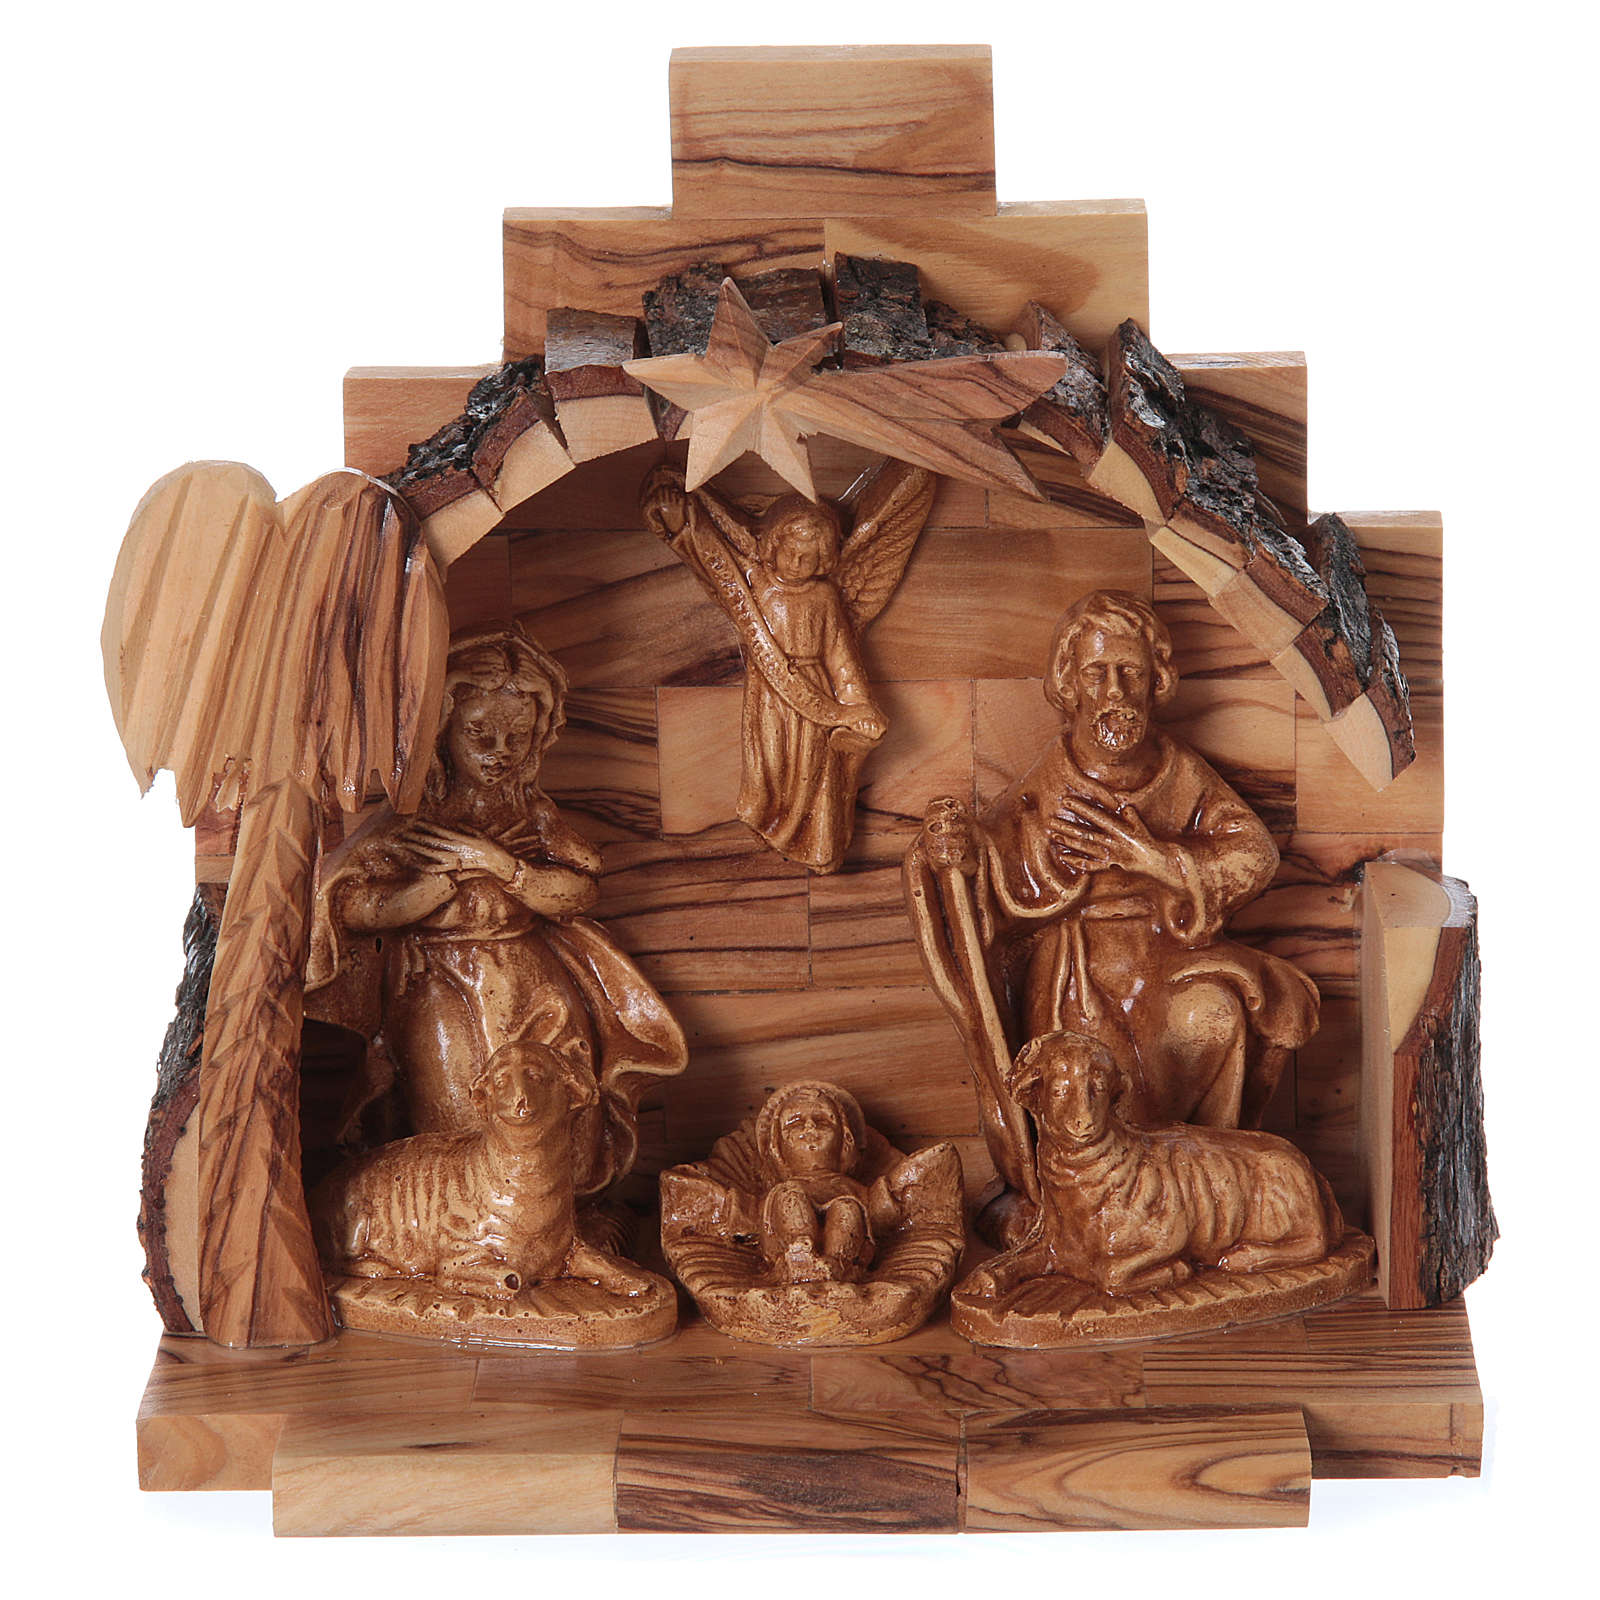 Natività in legno ulivo di Betlemme con capanna 15x15x10 cm 4